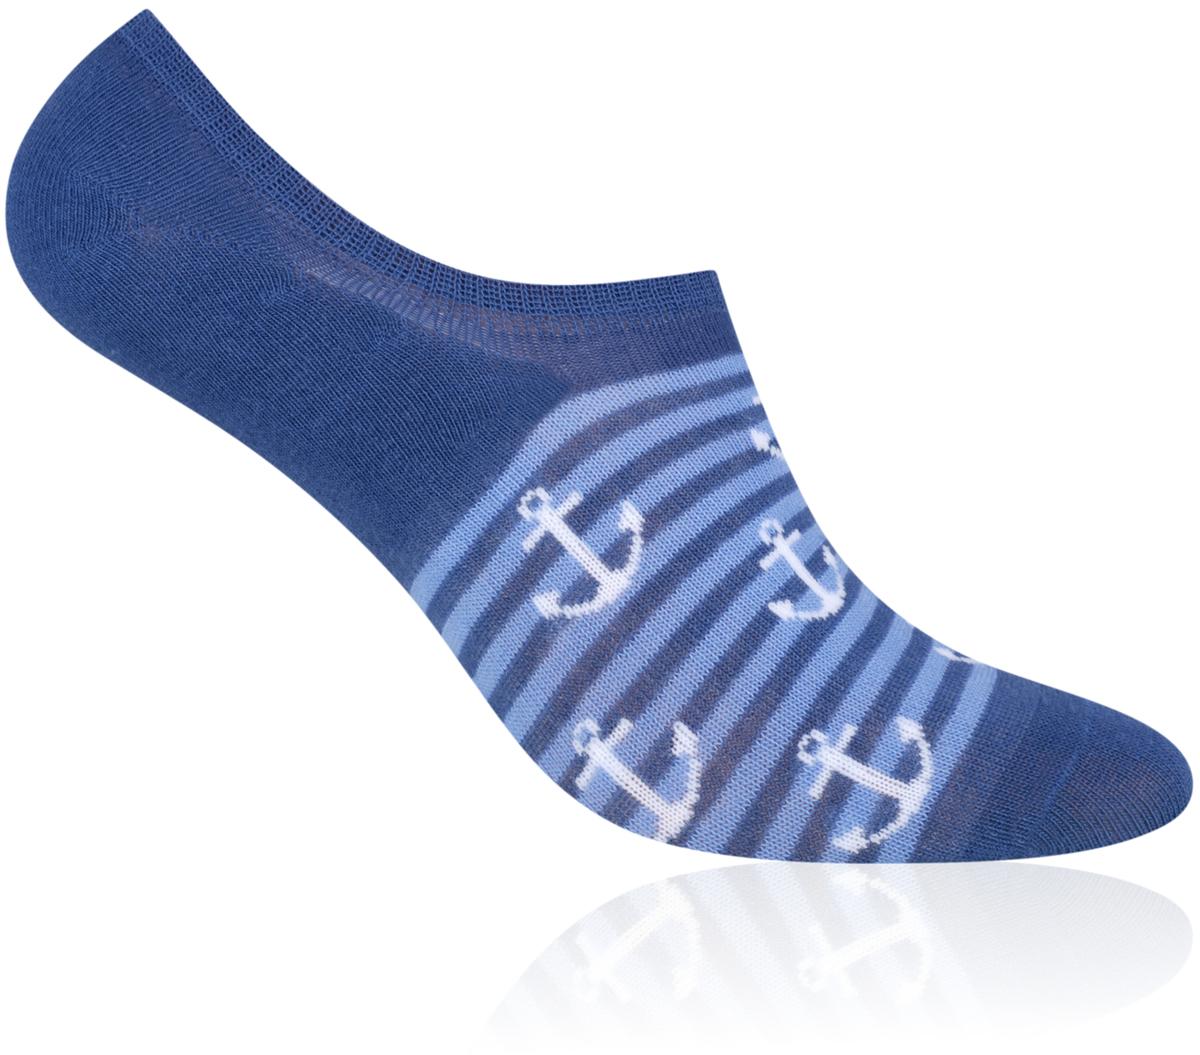 Носки подростковые Steven, цвет: синий. 150 (MS015). Размер 35/37150 (MS015)Носки Steven изготовлены из качественного материала на основе хлопка. Укороченная модель имеет мягкую эластичную резинку. Носки хорошо держат форму и обладают повышенной воздухопроницаемостью.